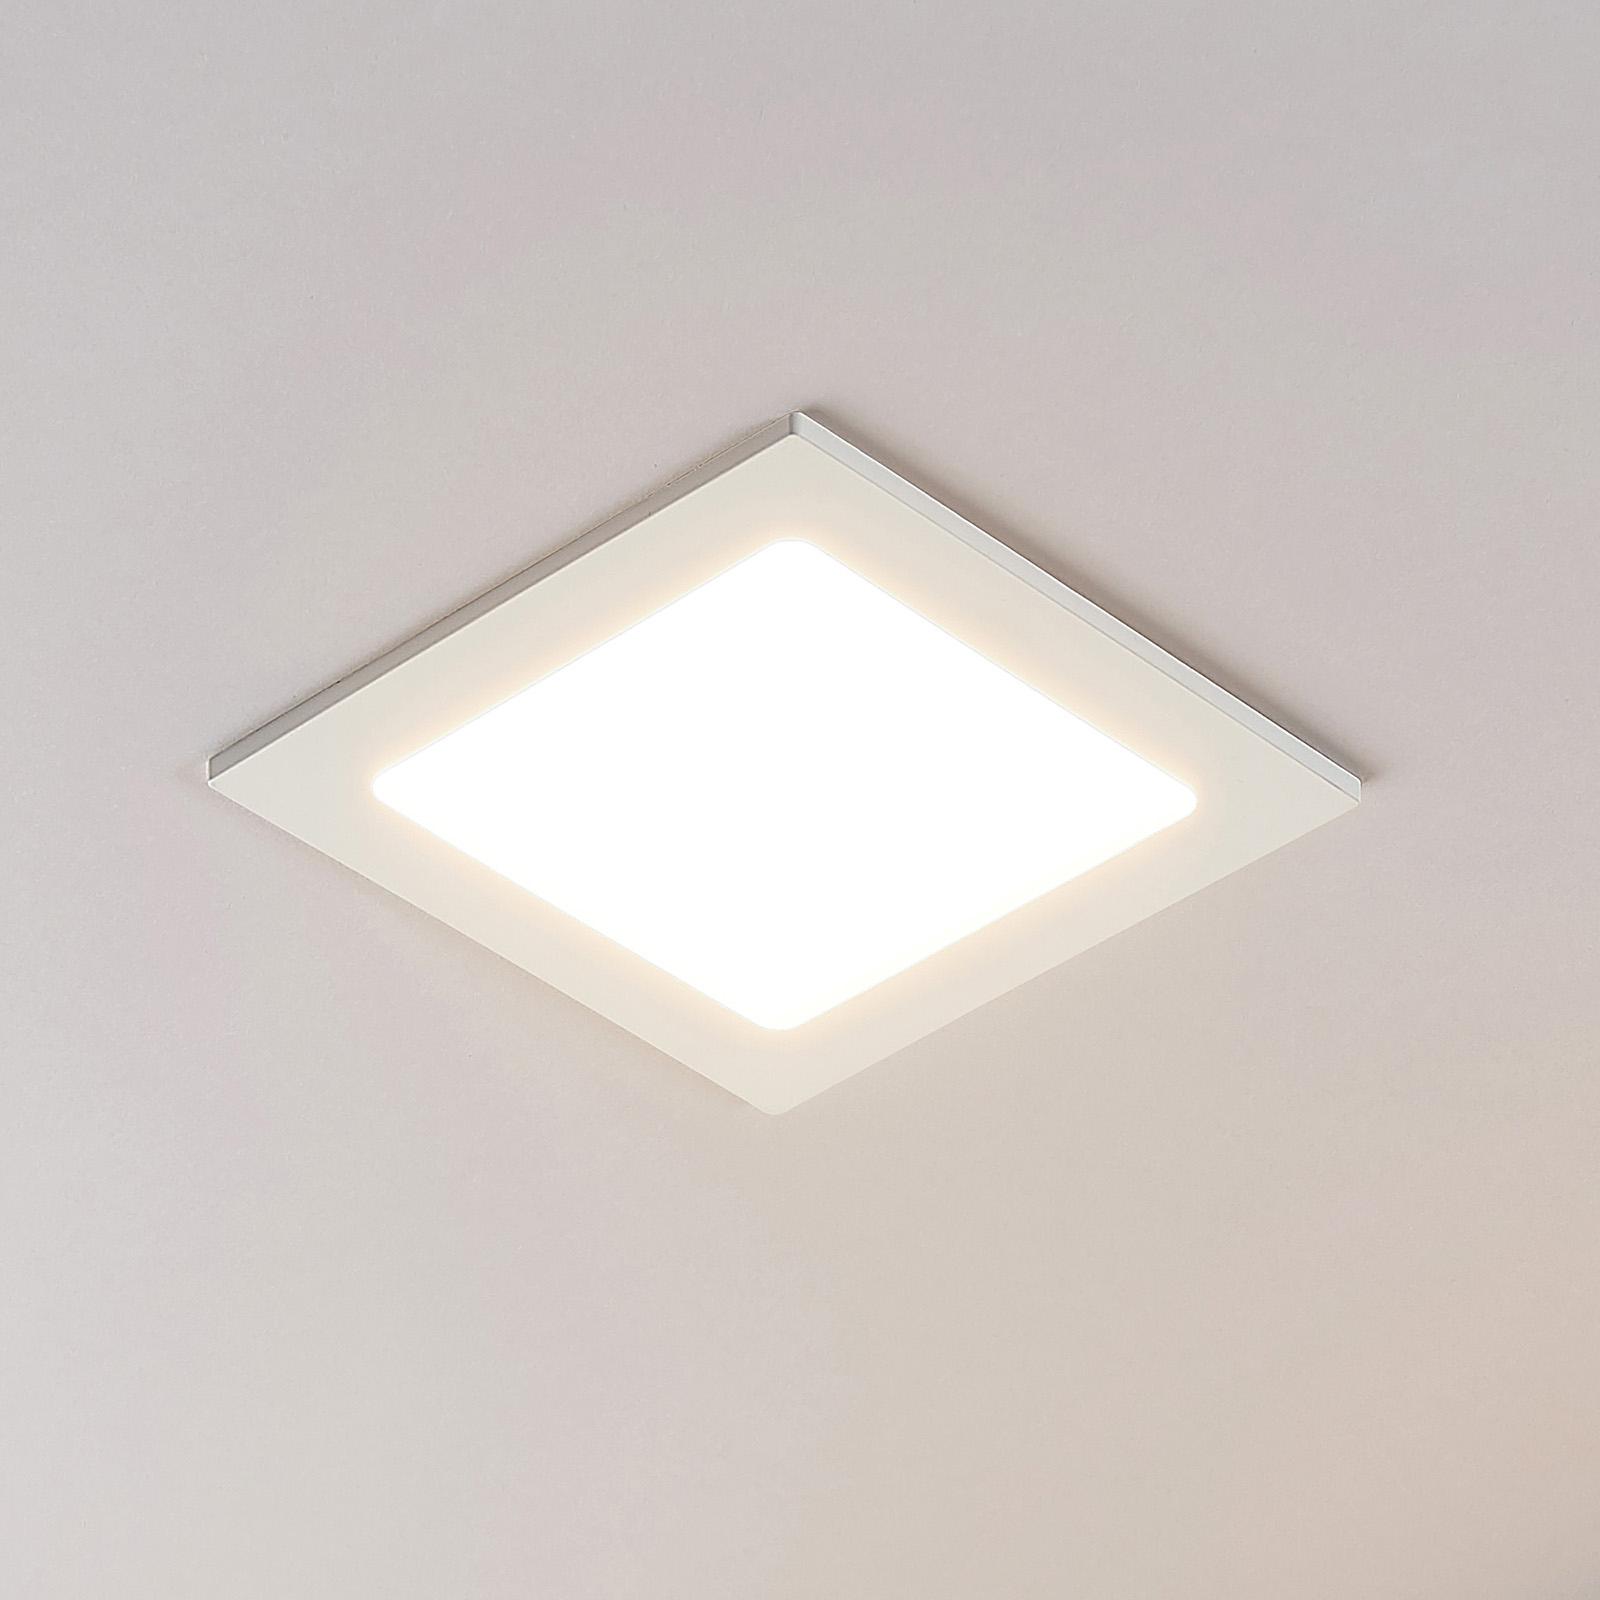 Downlight LED Joki bianco 3000K quadrato 17cm